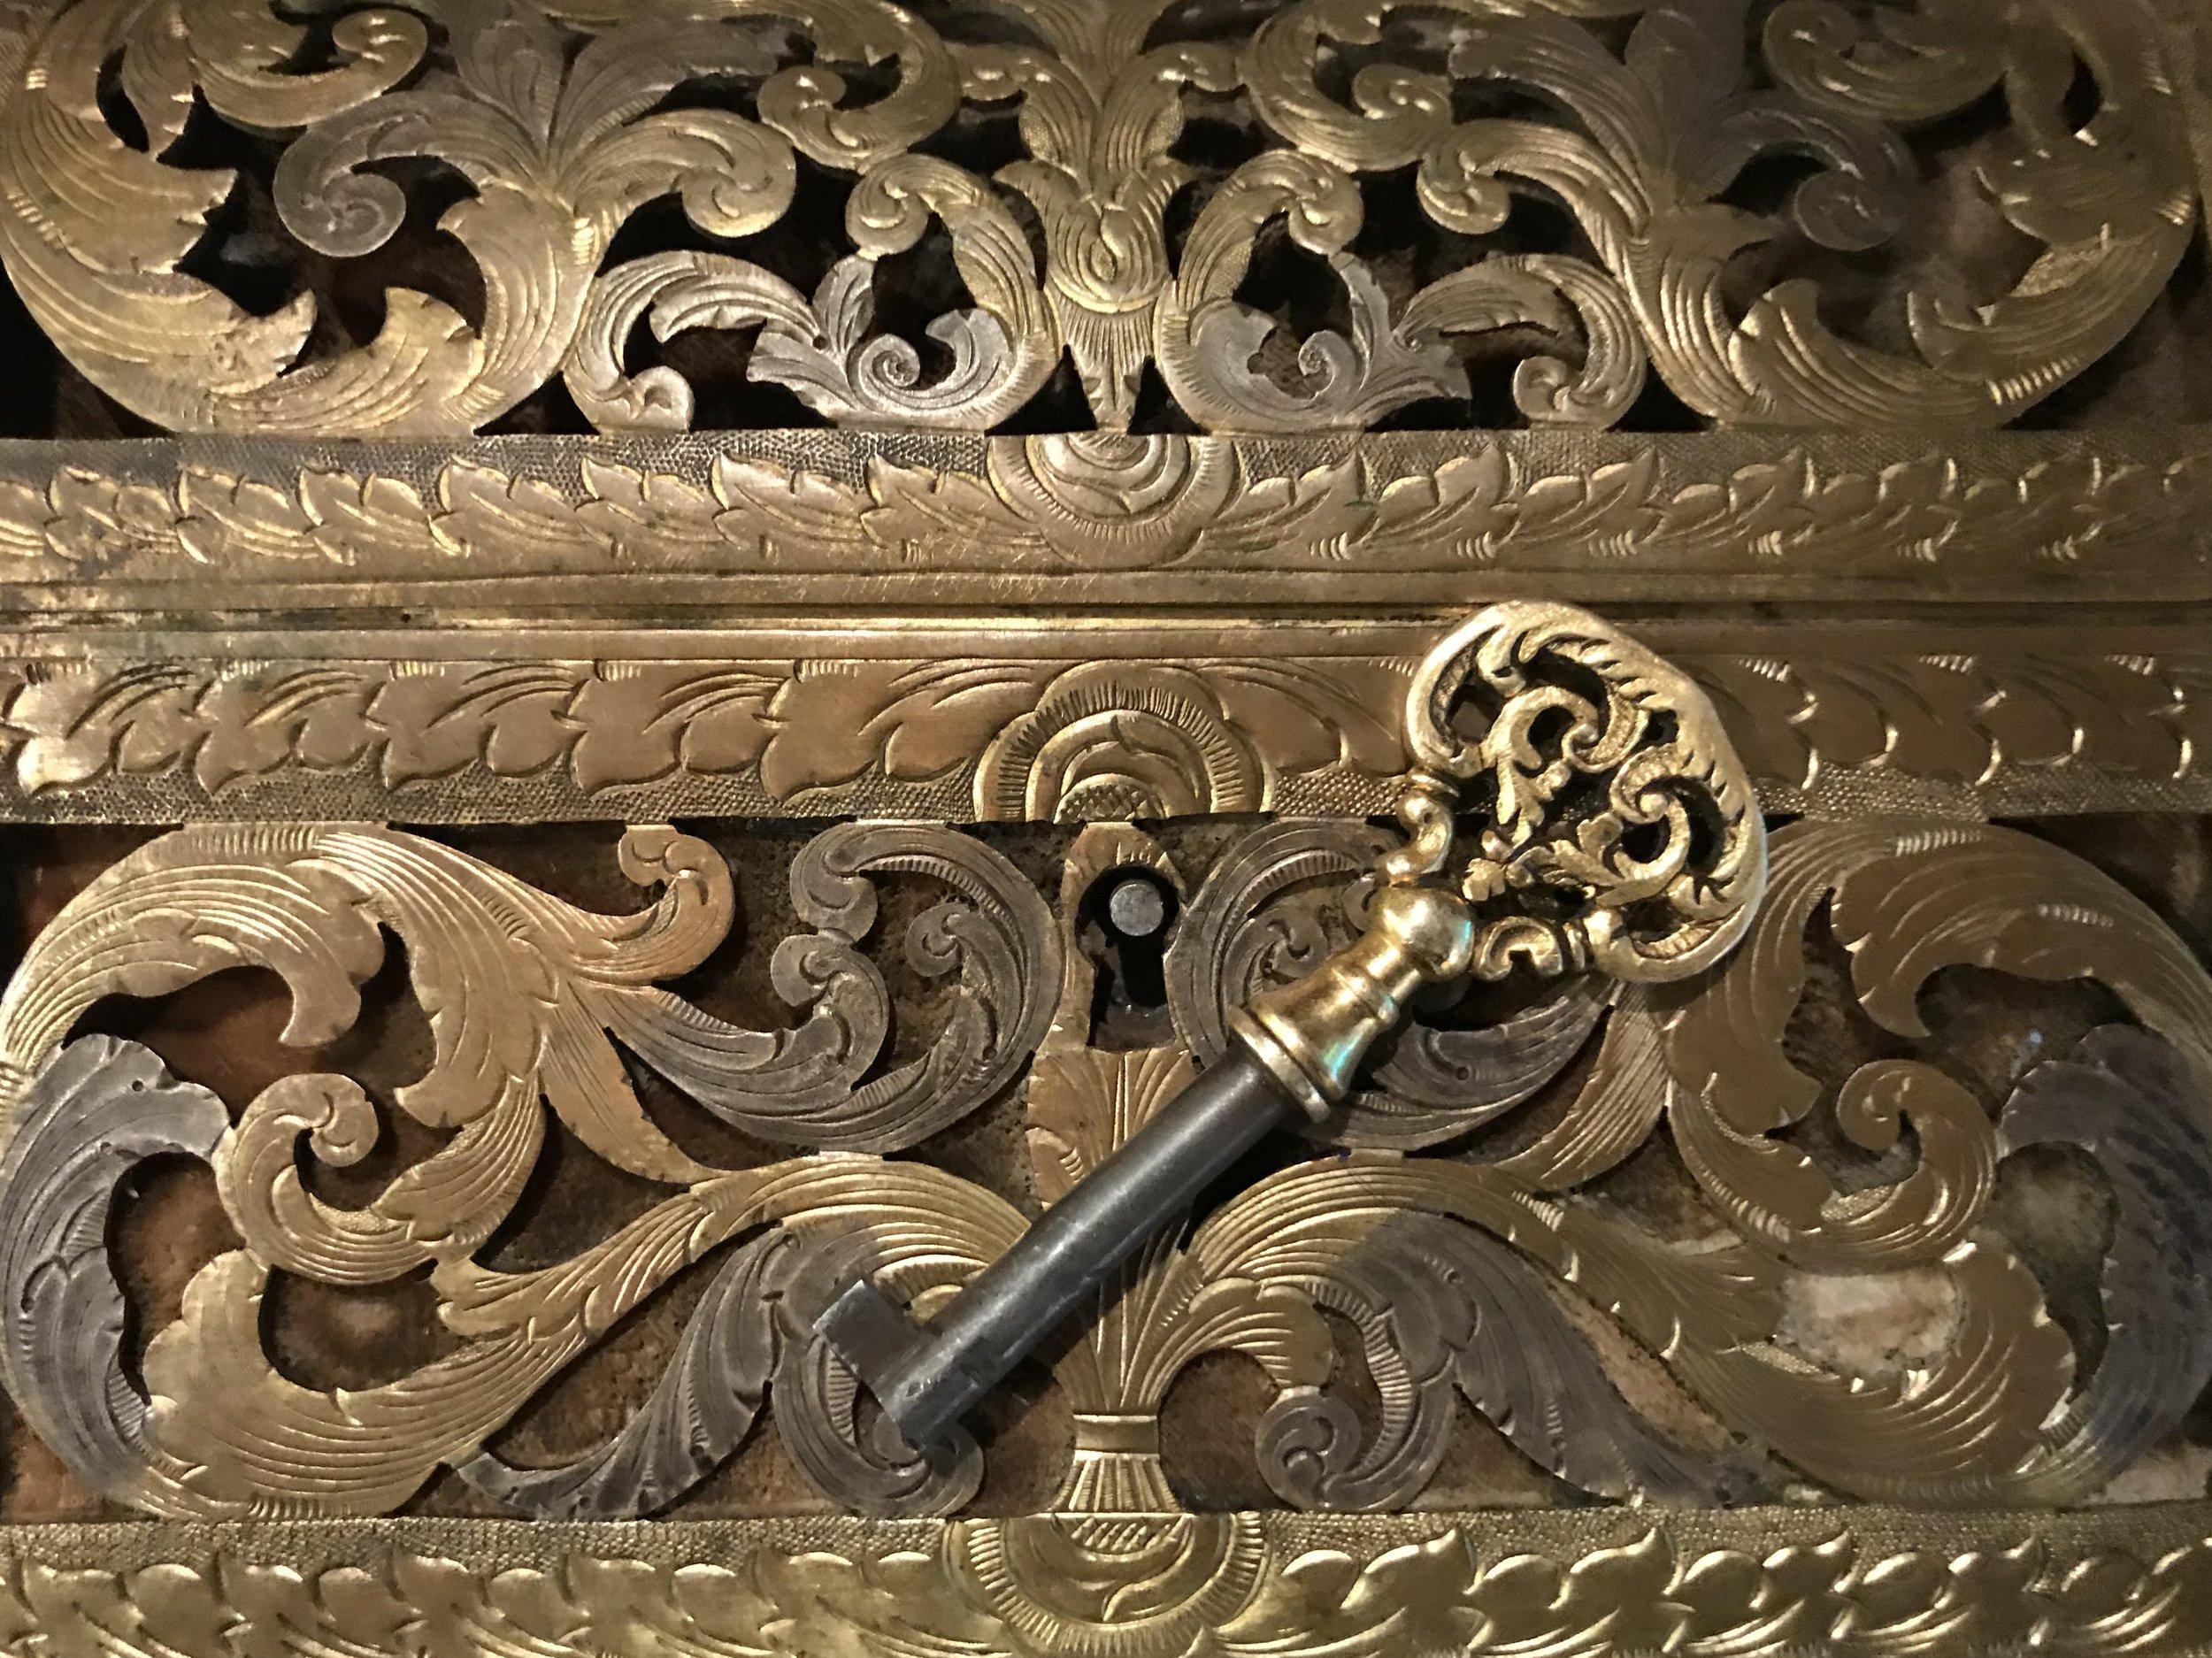 teremok_anitques_gilt_brass_casket_2.jpg